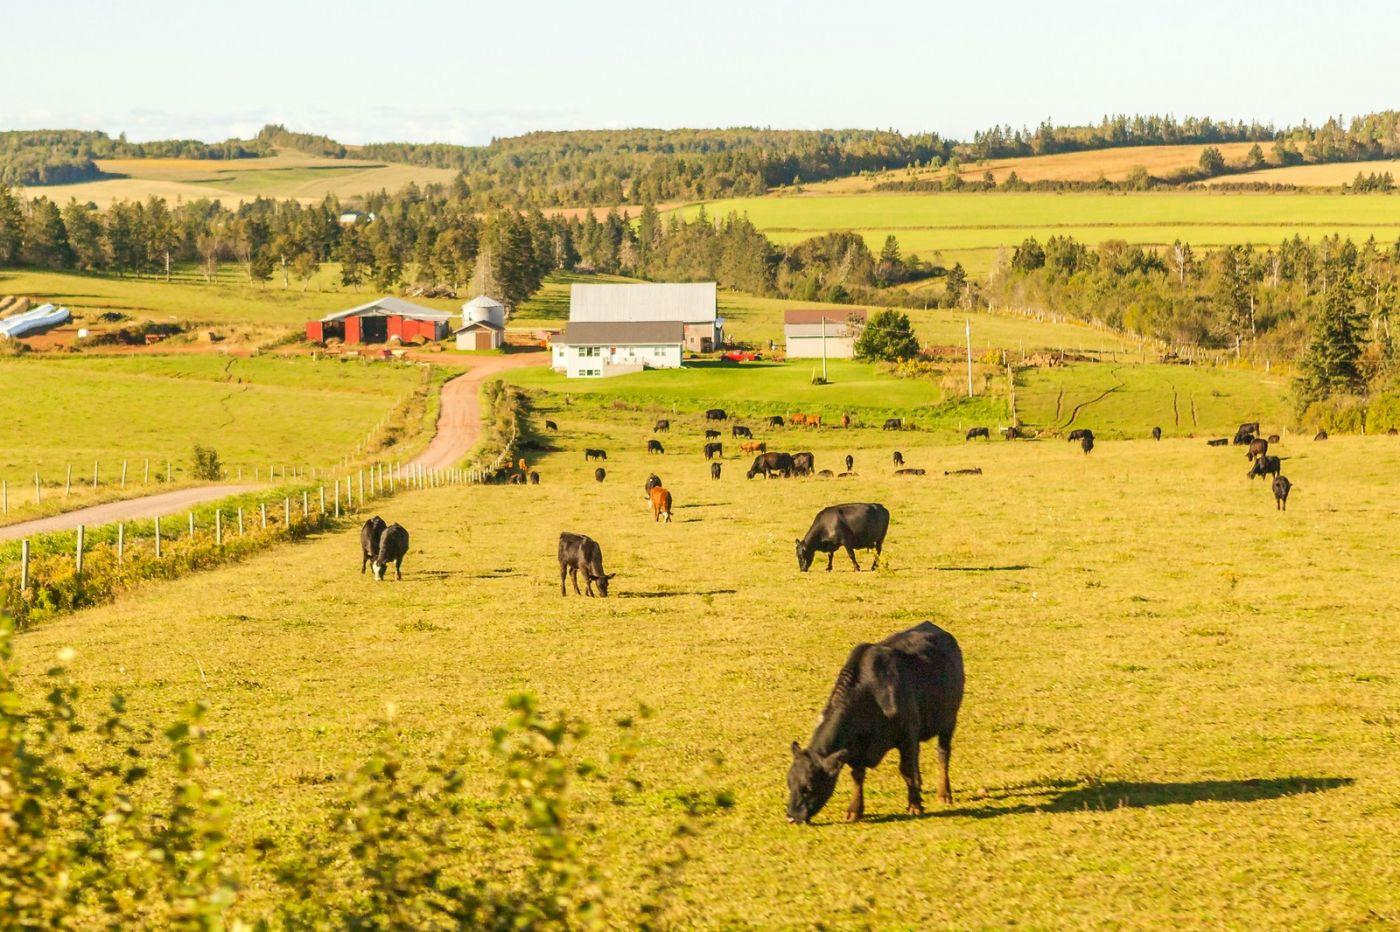 加拿大旅途,乡村的幸福生活_图1-1